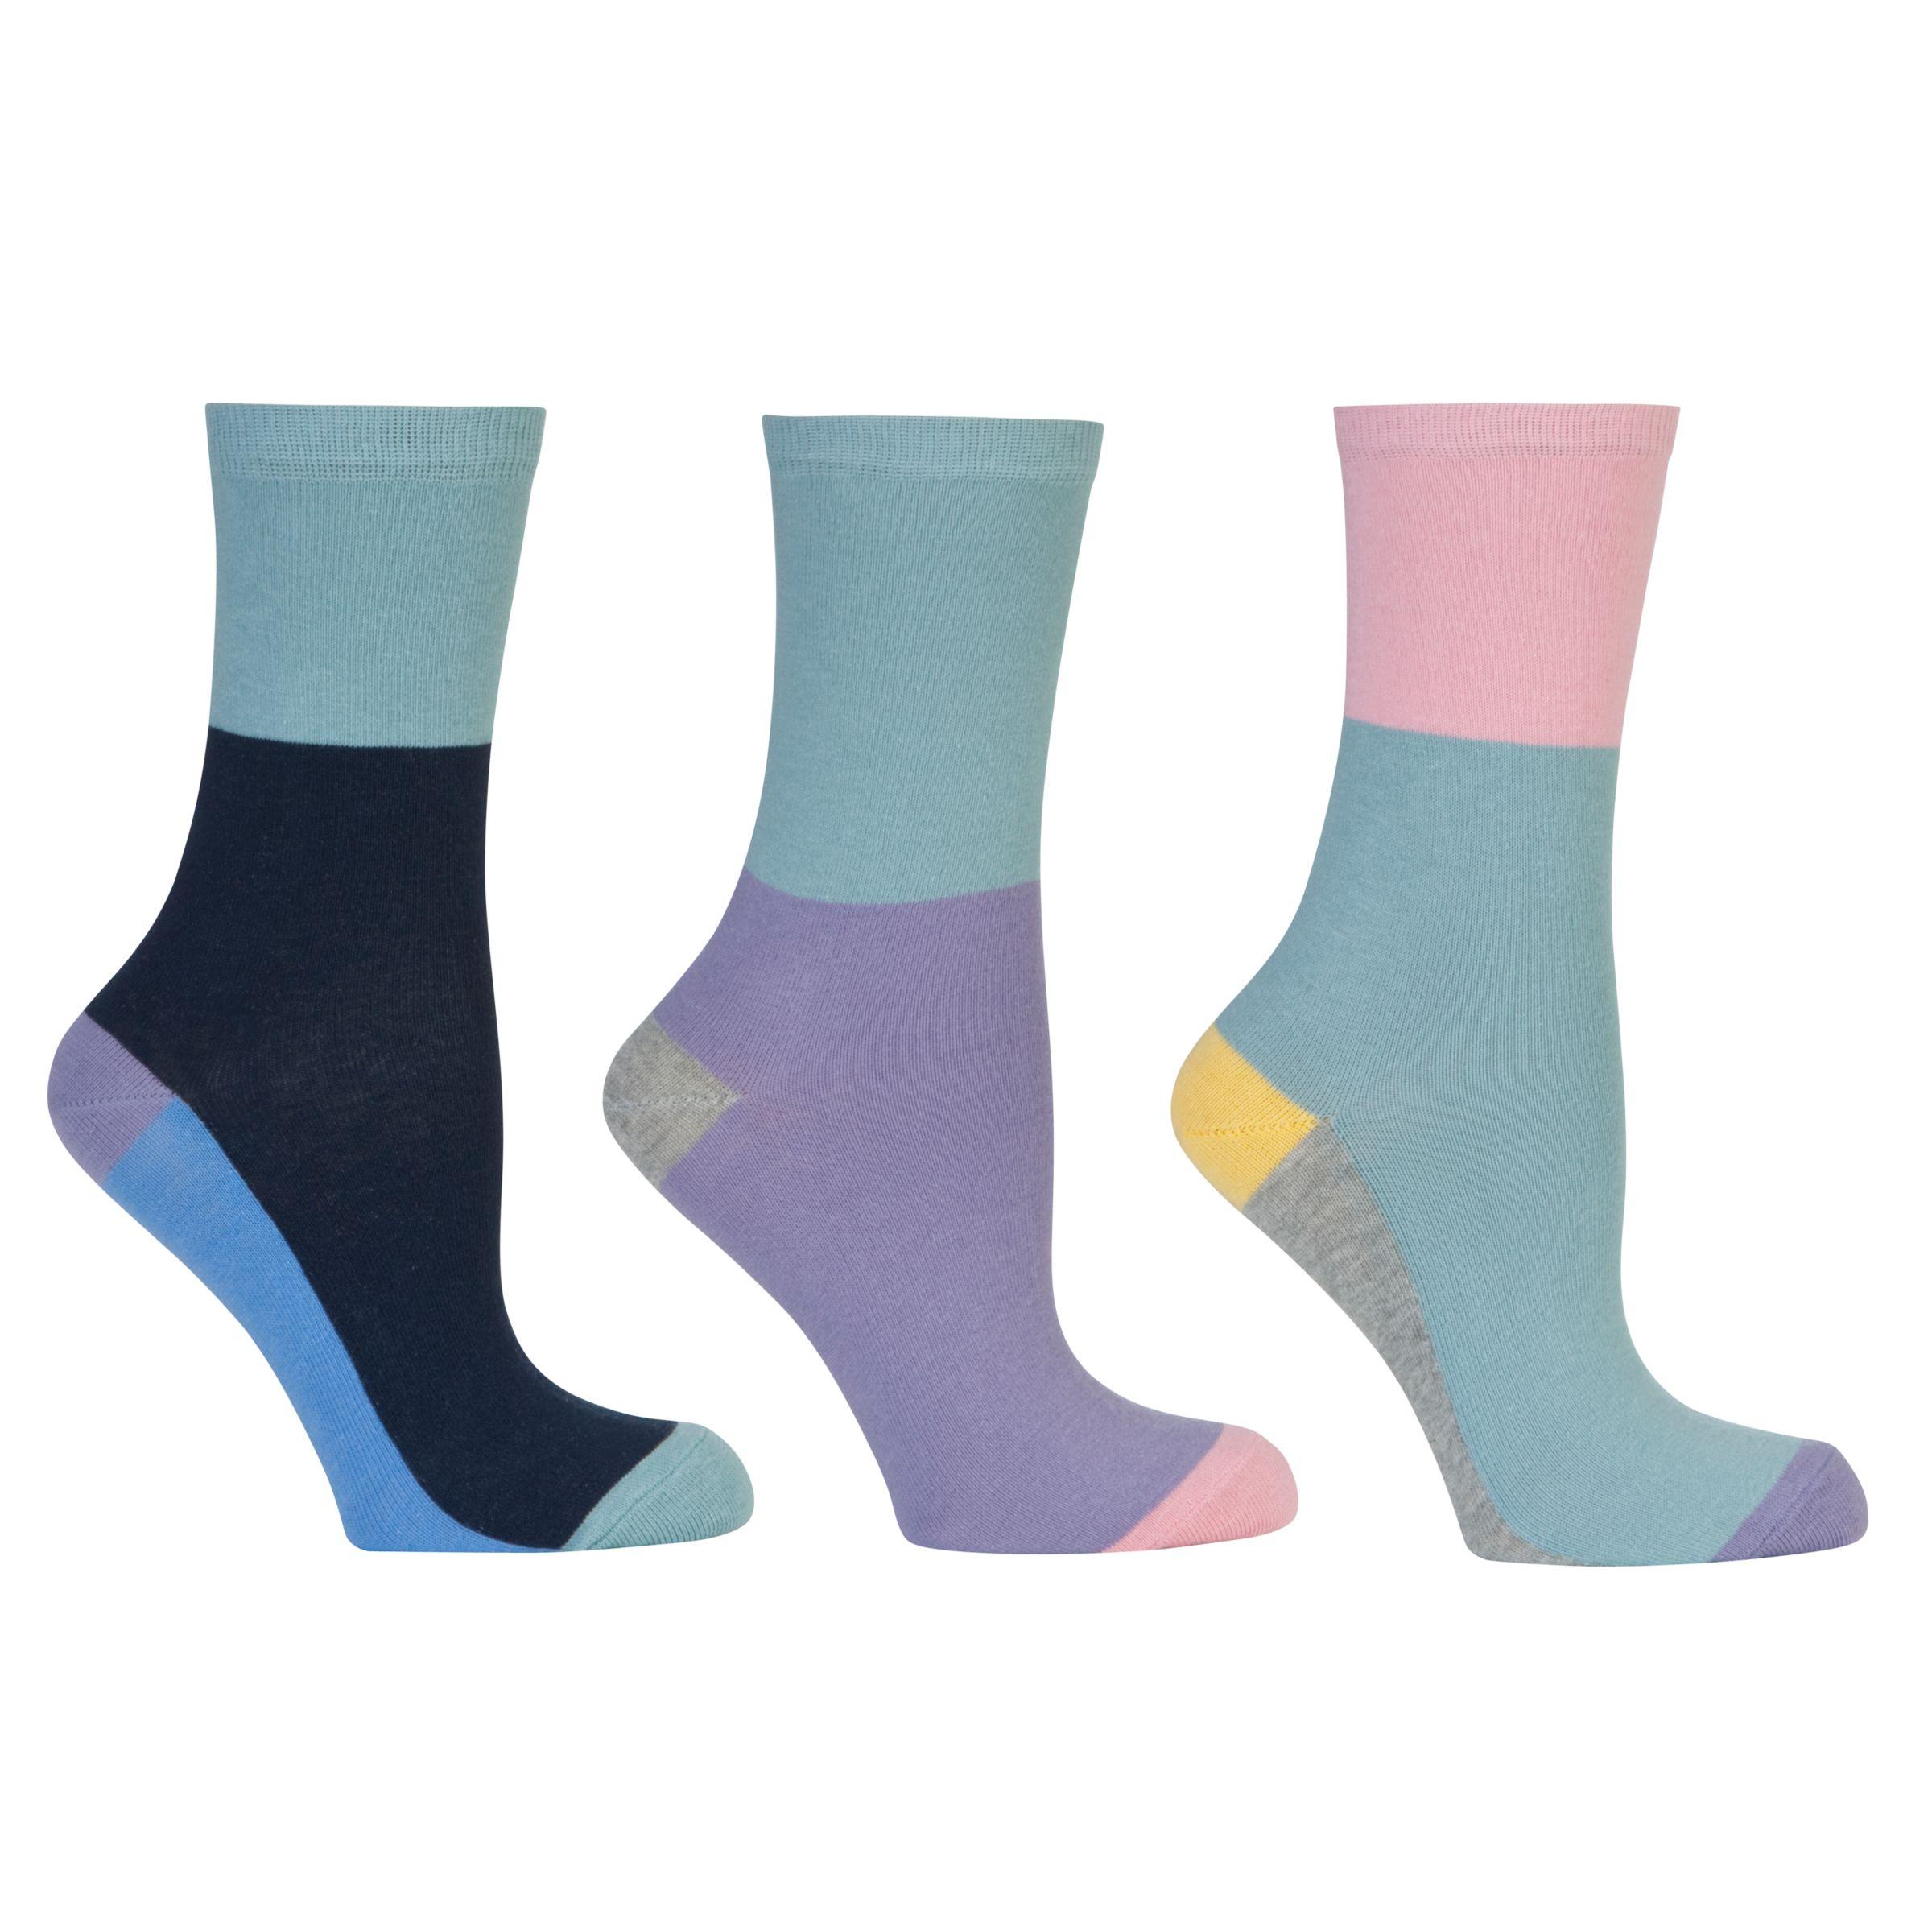 John Lewis Colour Block Ankle Socks, Pack of 3, Multi